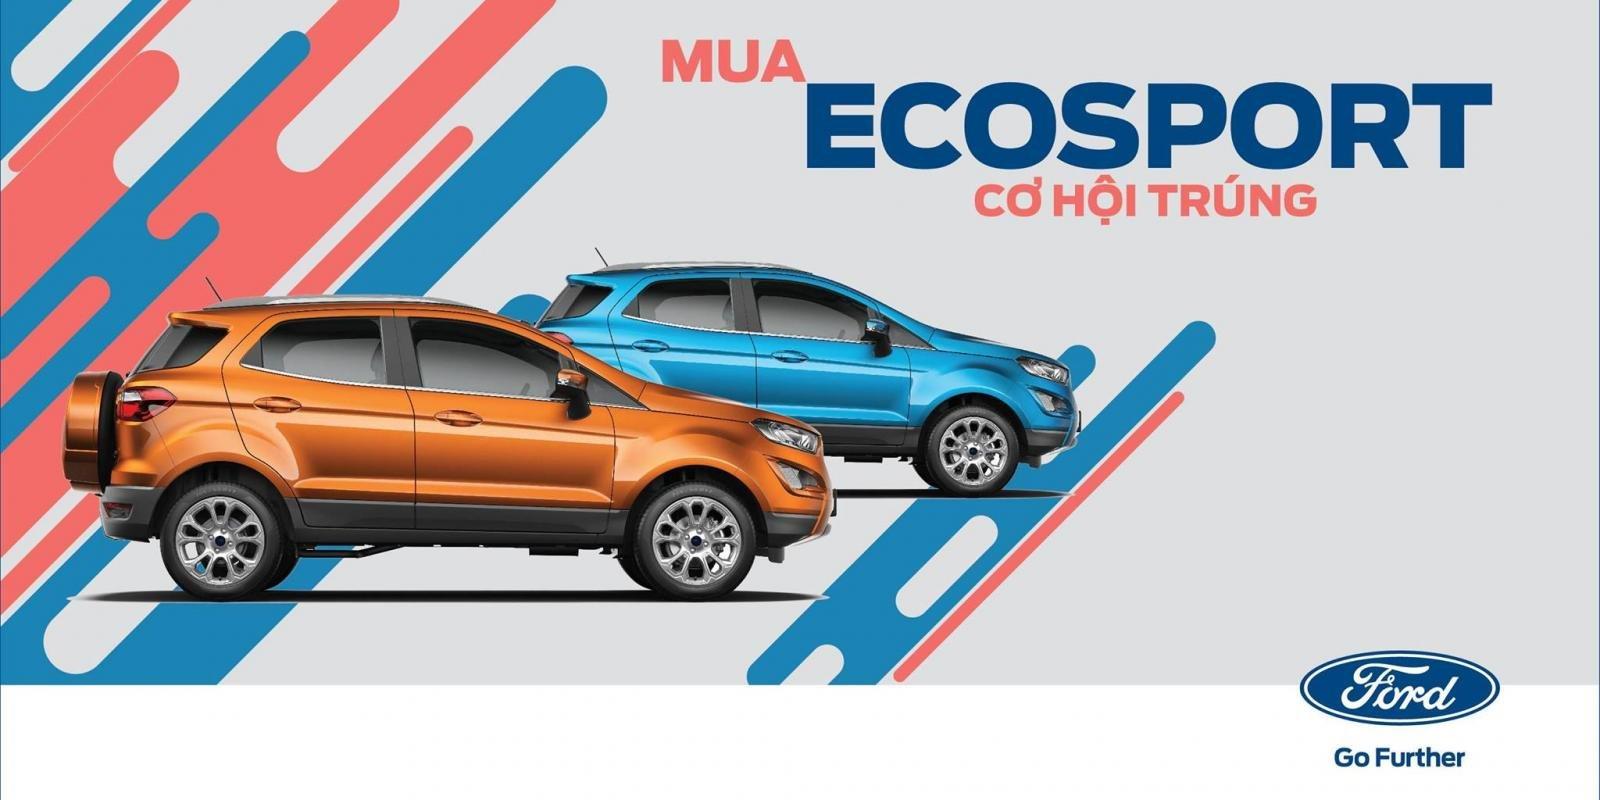 Ford tung khuyến mại tháng 12: Ranger, Ecosport giảm giá tới 30 triệu đồng.